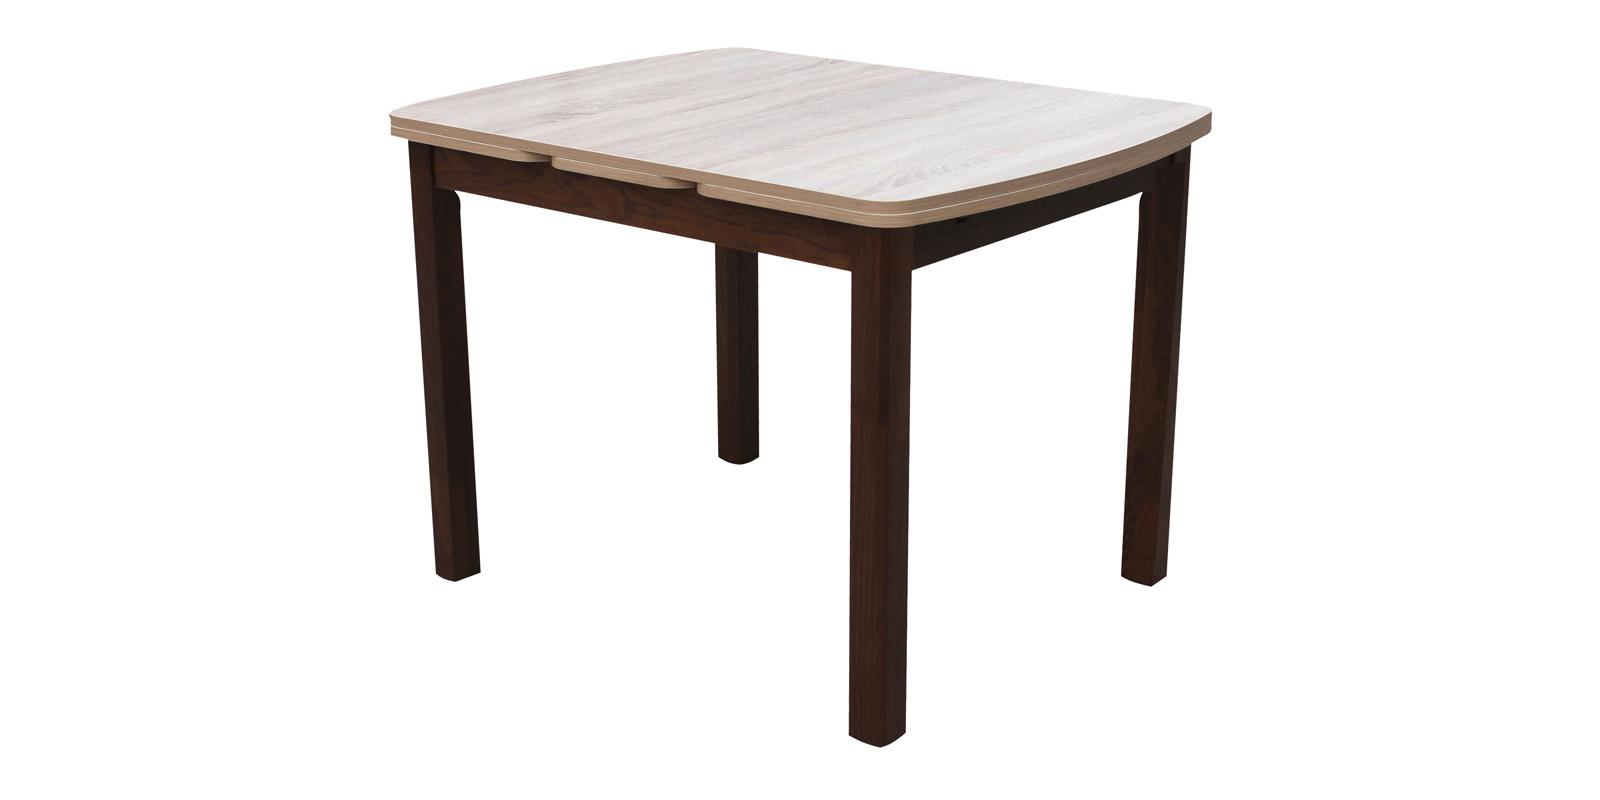 Обеденный стол Орлеан 170 см (орех темный/дуб сонома)